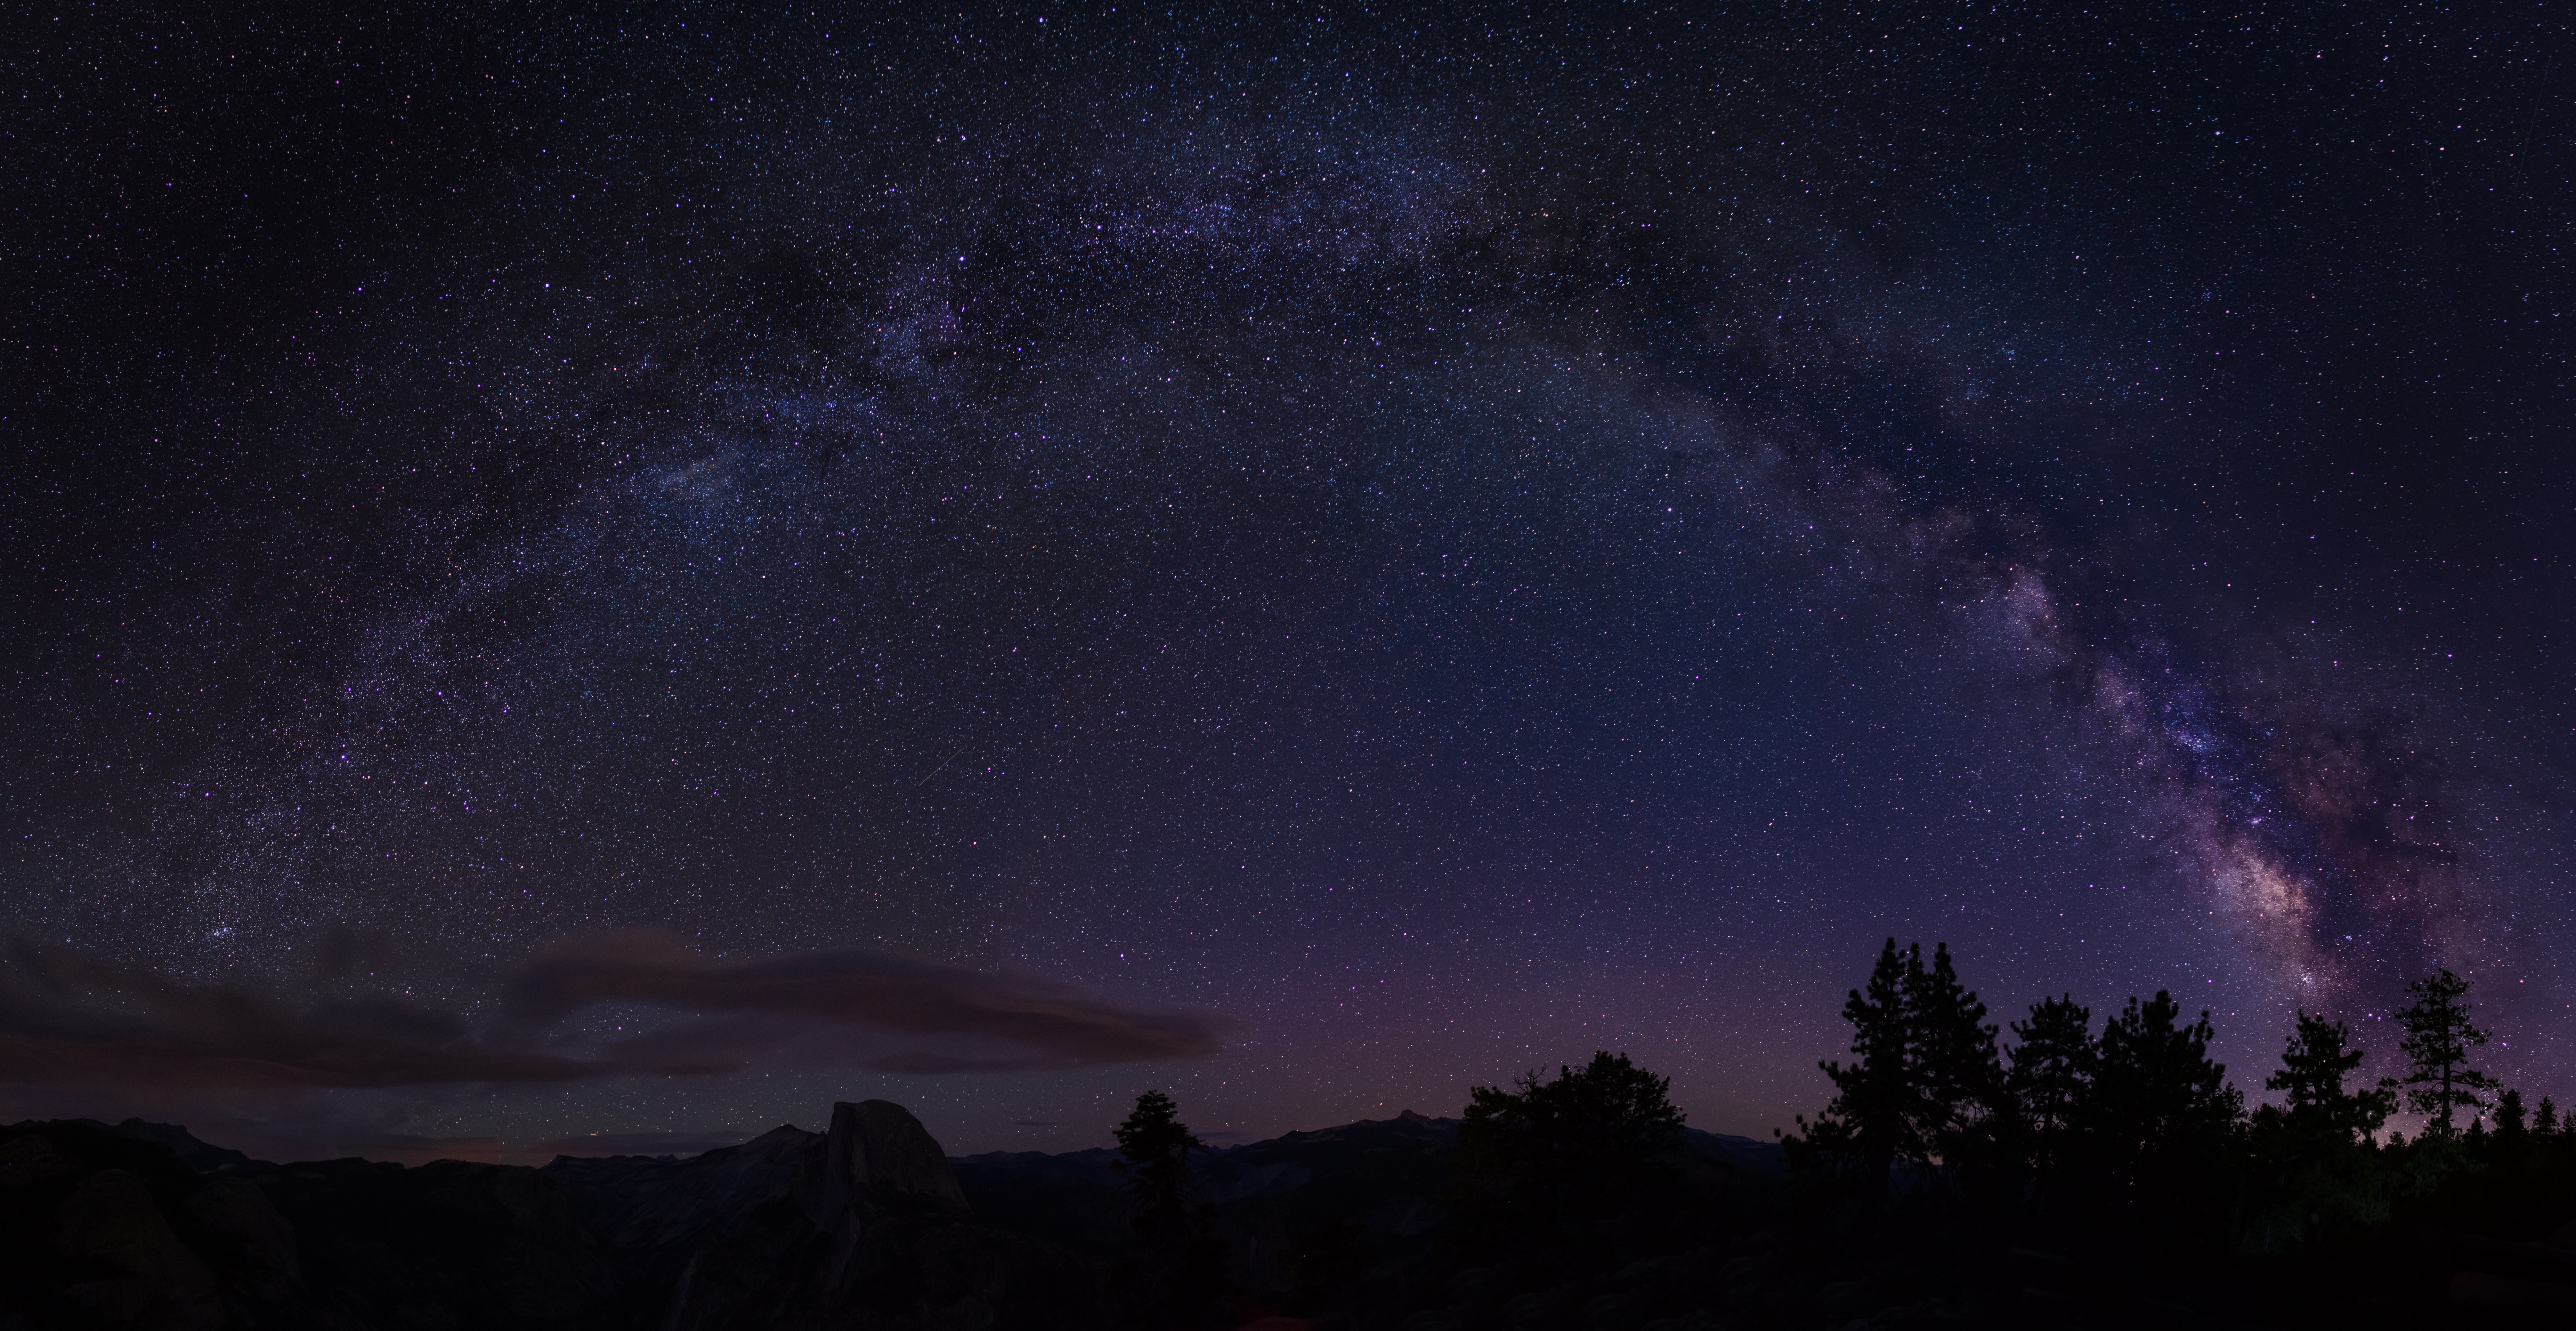 58970壁紙のダウンロード闇, 暗い, 星空, 木, 天の川, カリフォルニア, カリフォルニア州, 米国-スクリーンセーバーと写真を無料で